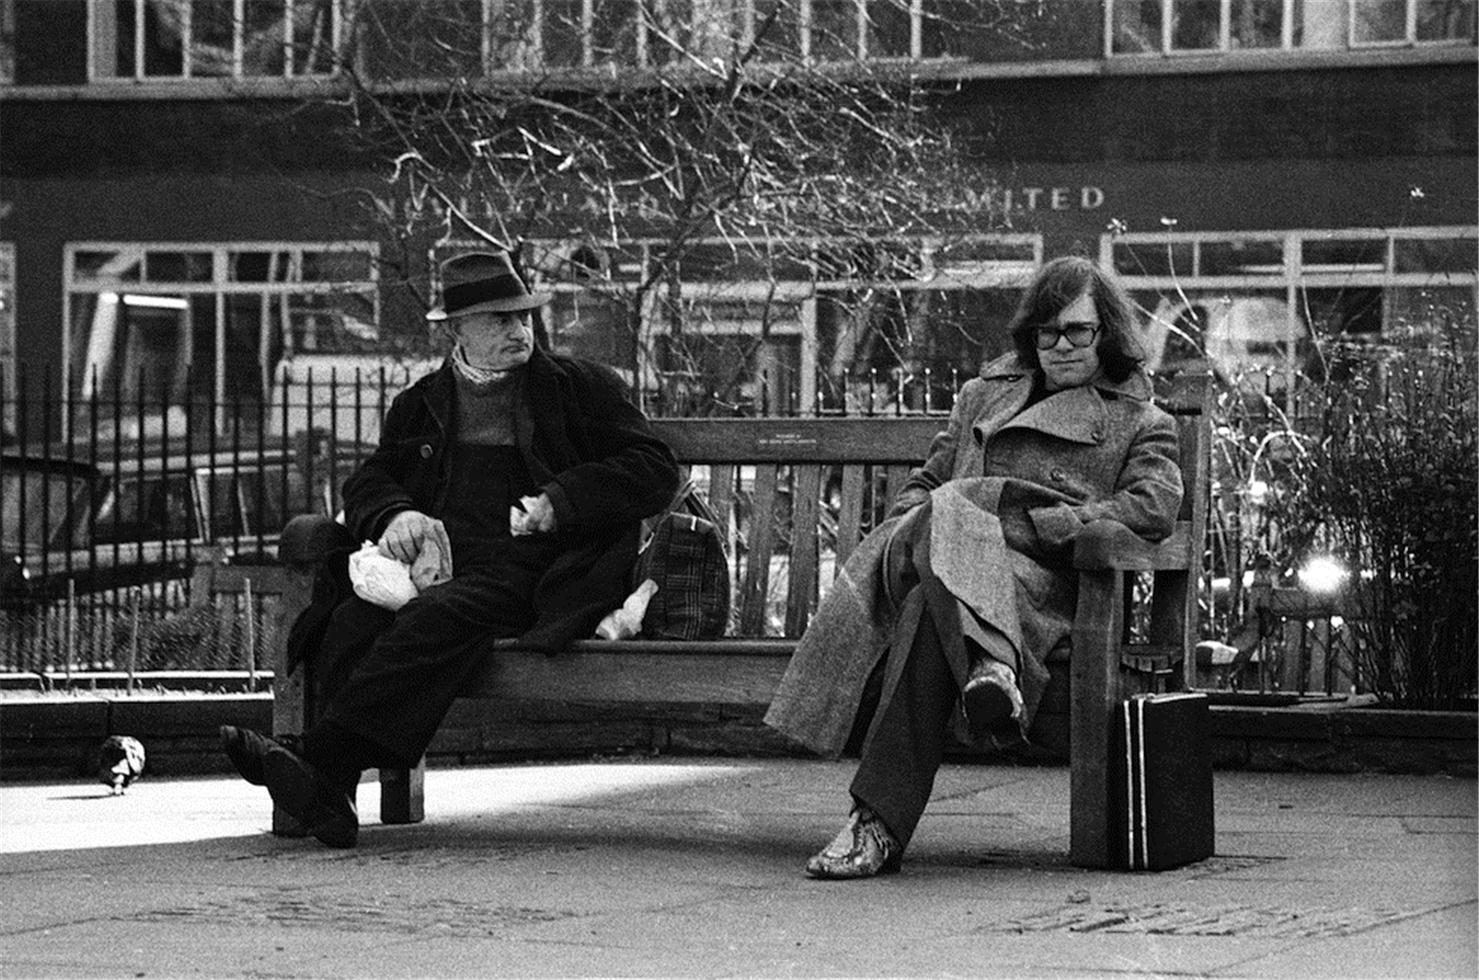 1970. Элтон Джон, Нью-Йорк